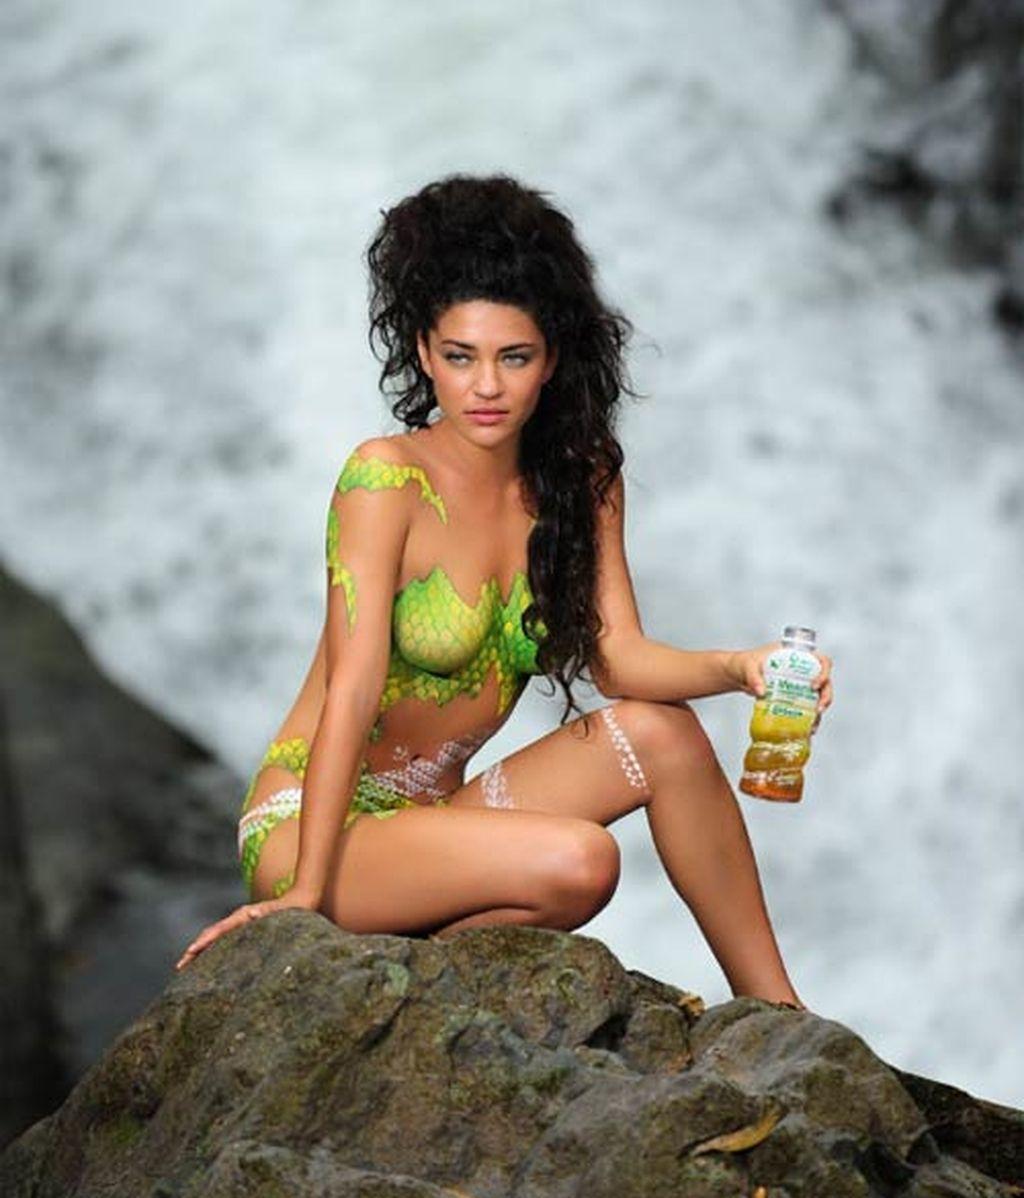 Jessica Szohr, desnuda para vender